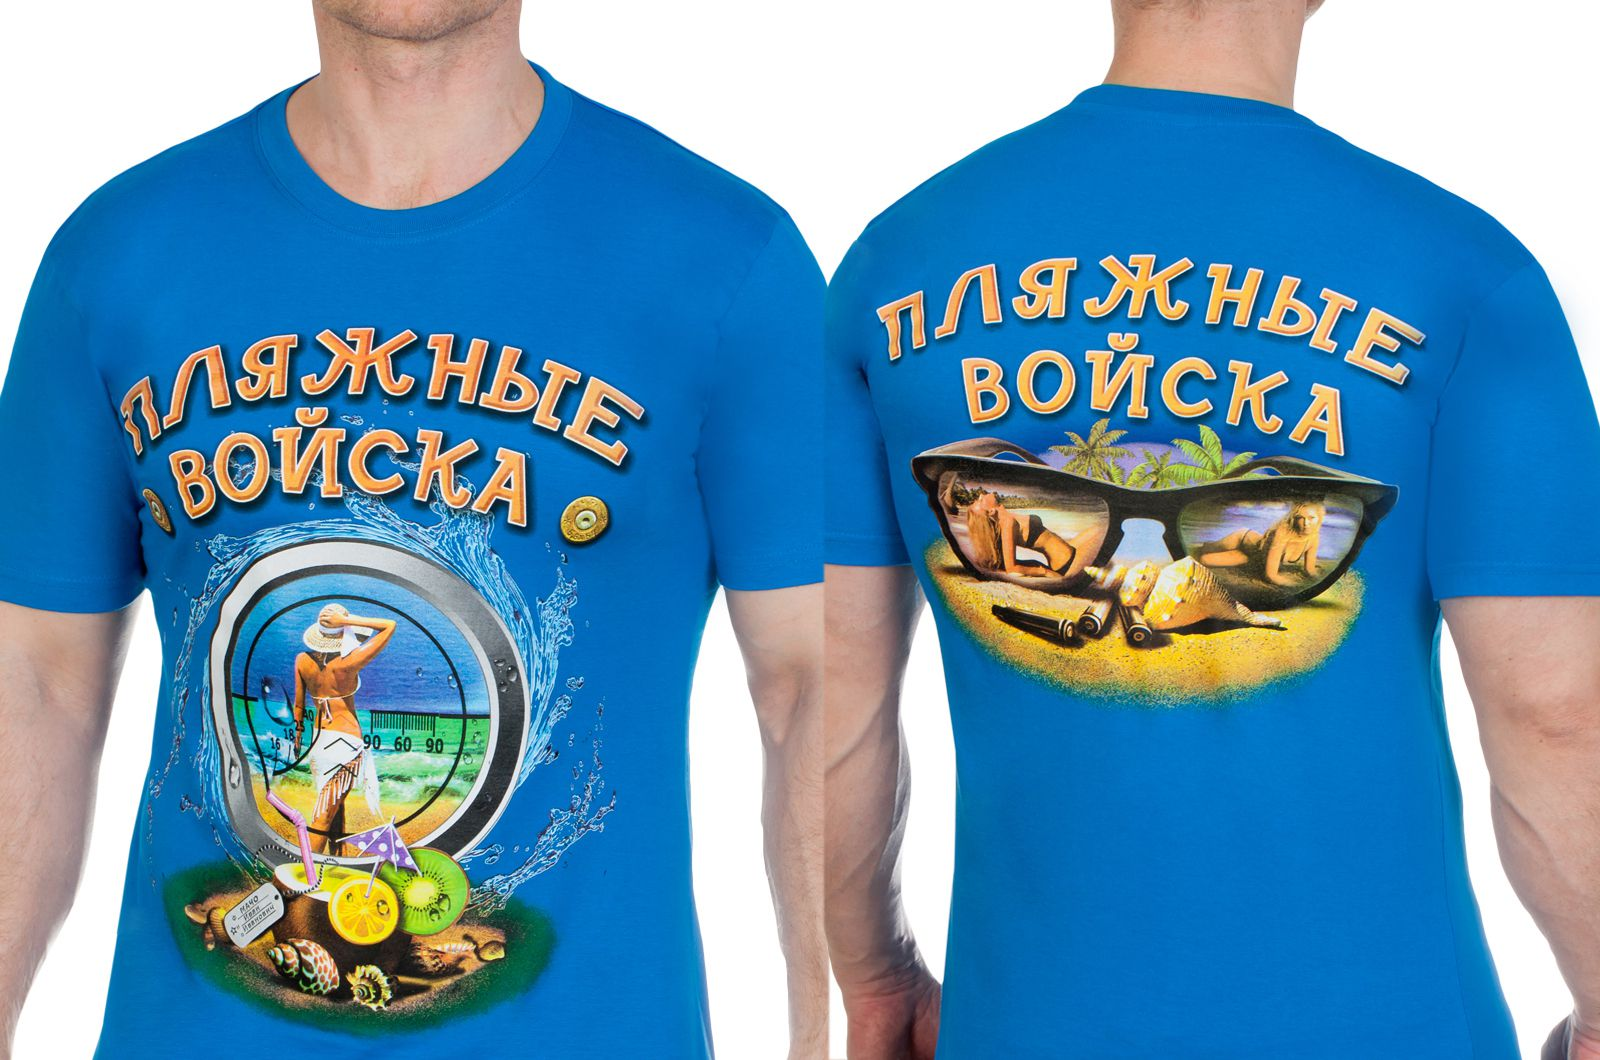 Заказать футболки для пляжа